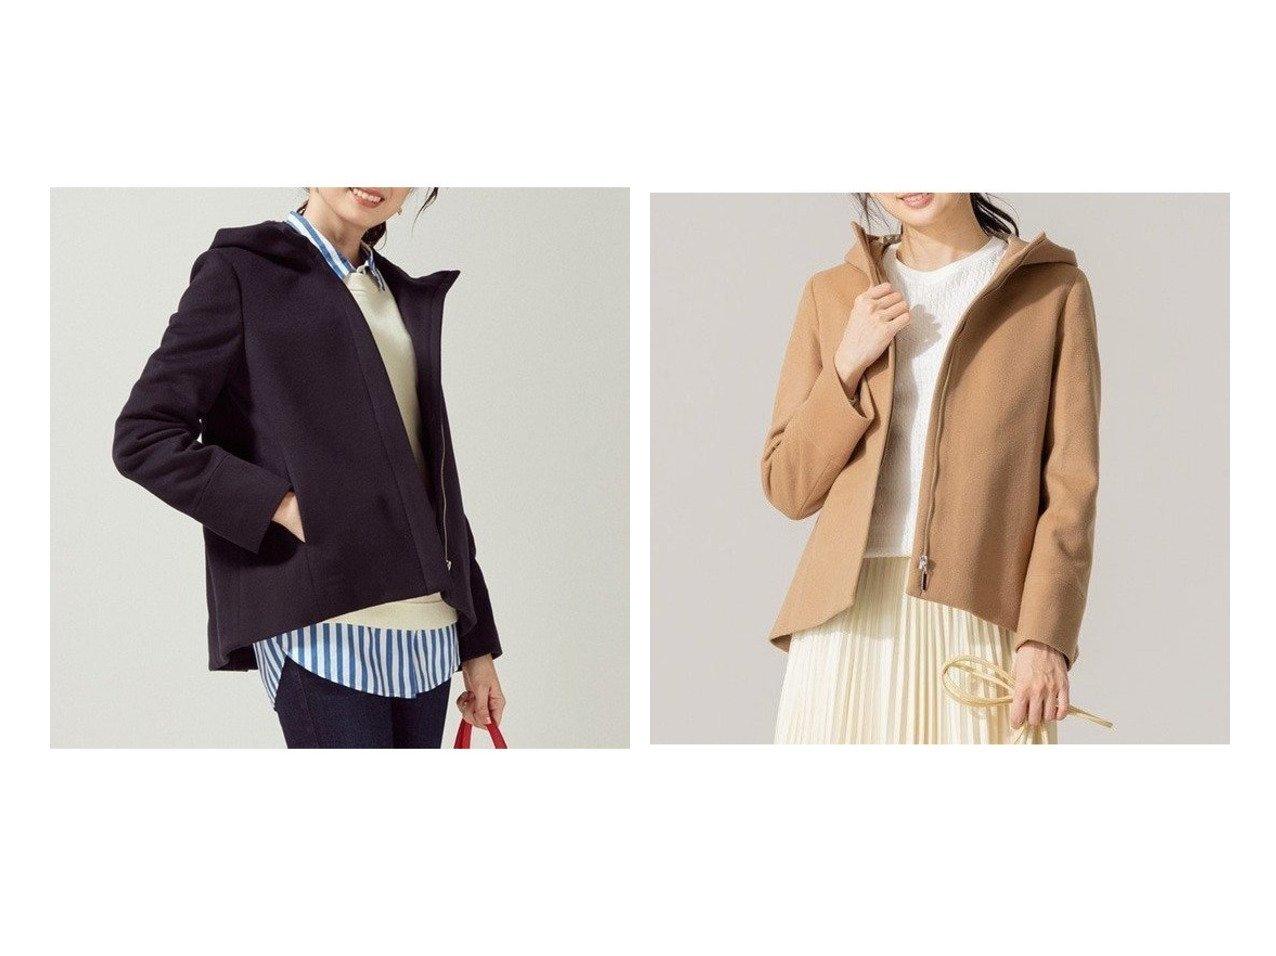 【KUMIKYOKU/組曲】のFBビーバー フード付きショートコート アウターのおすすめ!人気、トレンド・レディースファッションの通販 おすすめで人気の流行・トレンド、ファッションの通販商品 メンズファッション・キッズファッション・インテリア・家具・レディースファッション・服の通販 founy(ファニー) https://founy.com/ ファッション Fashion レディースファッション WOMEN アウター Coat Outerwear コート Coats ジャケット Jackets 送料無料 Free Shipping 2020年 2020 2020-2021 秋冬 A/W AW Autumn/Winter / FW Fall-Winter 2020-2021 A/W 秋冬 AW Autumn/Winter / FW Fall-Winter イタリア ショート ジャケット スペシャル ボトム |ID:crp329100000011877